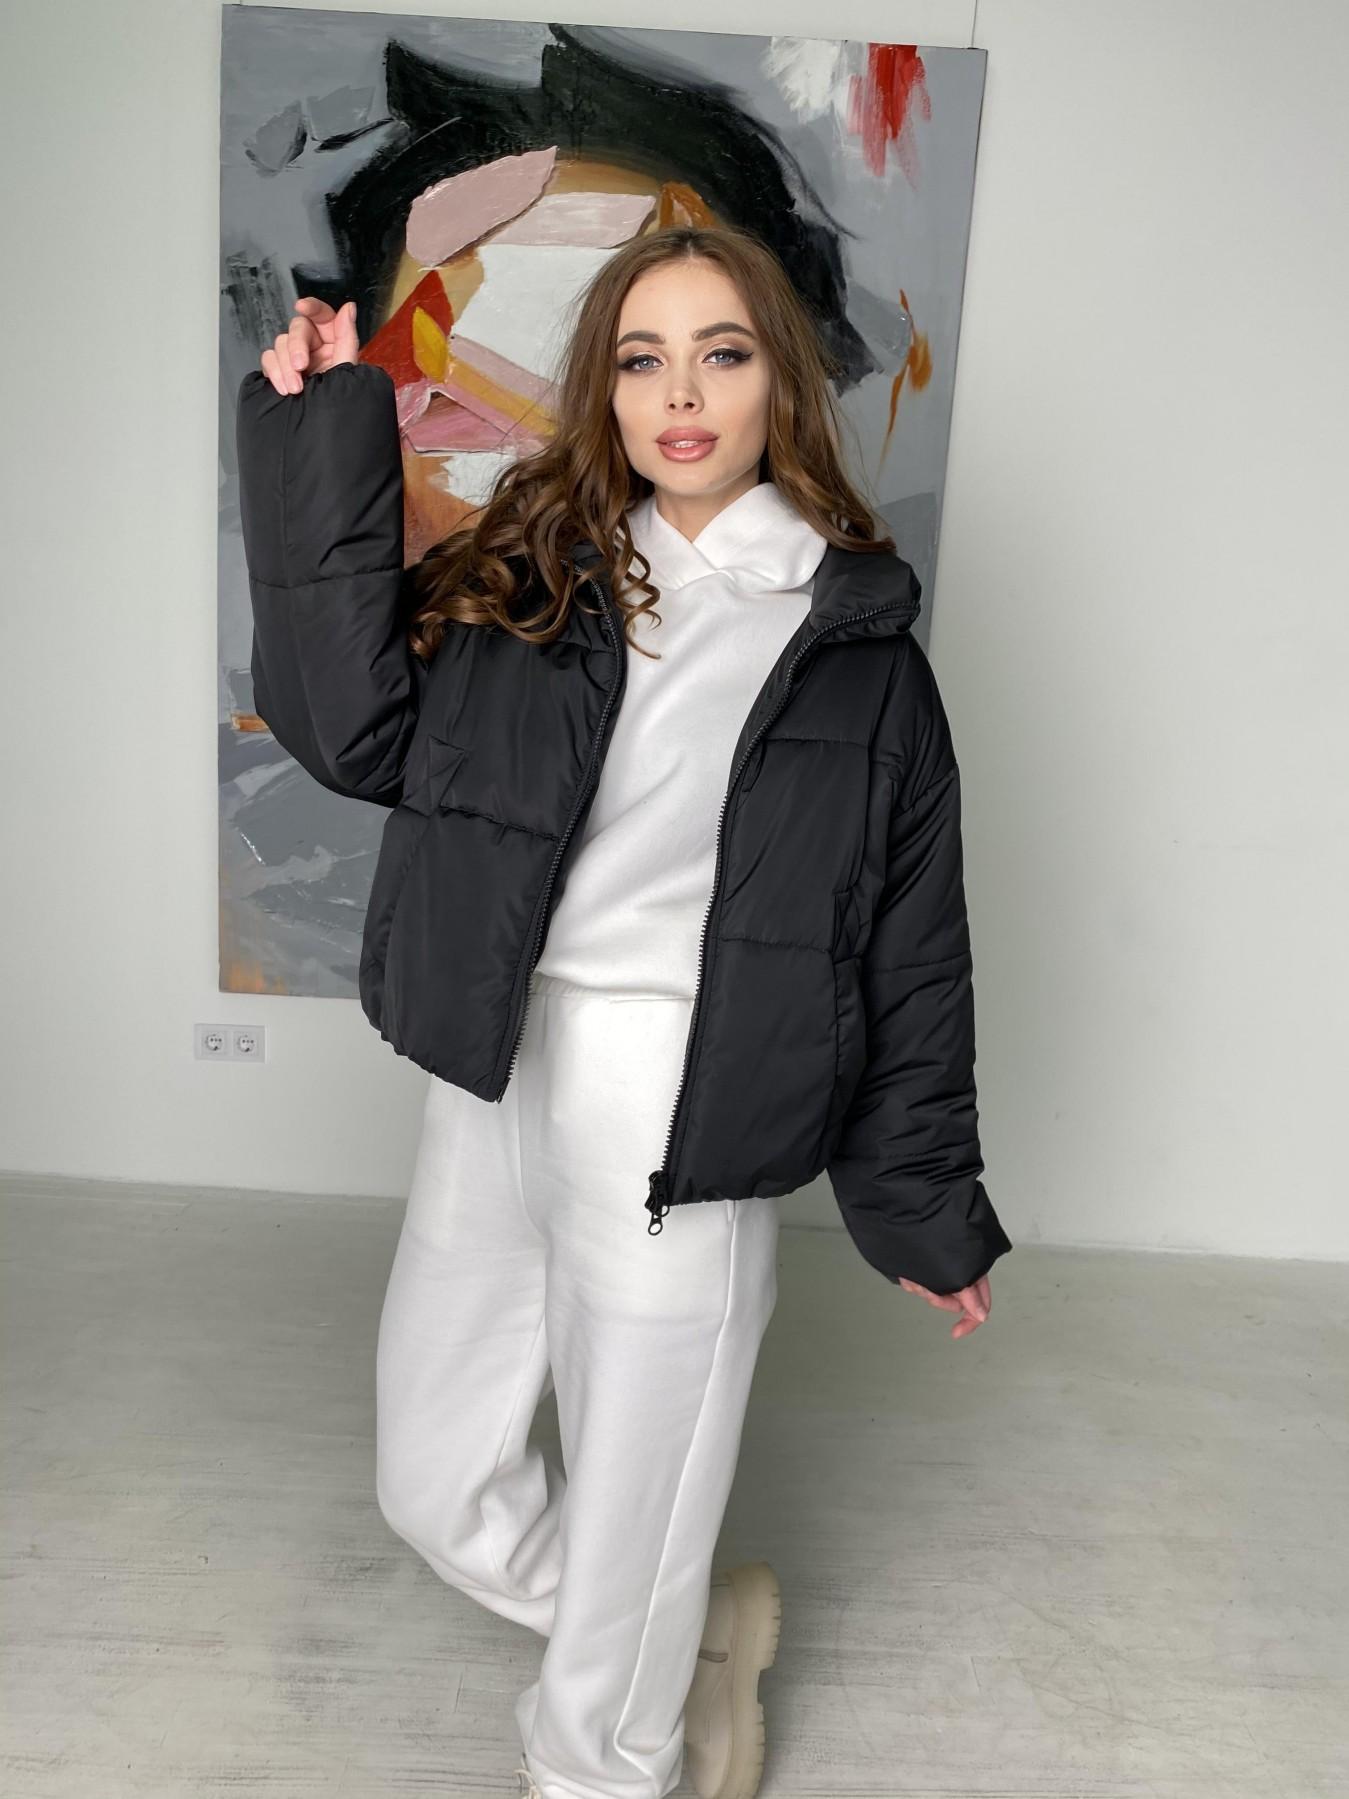 Драйв куртка из плащевой ткани 10448 АРТ. 46842 Цвет: Черный - фото 4, интернет магазин tm-modus.ru